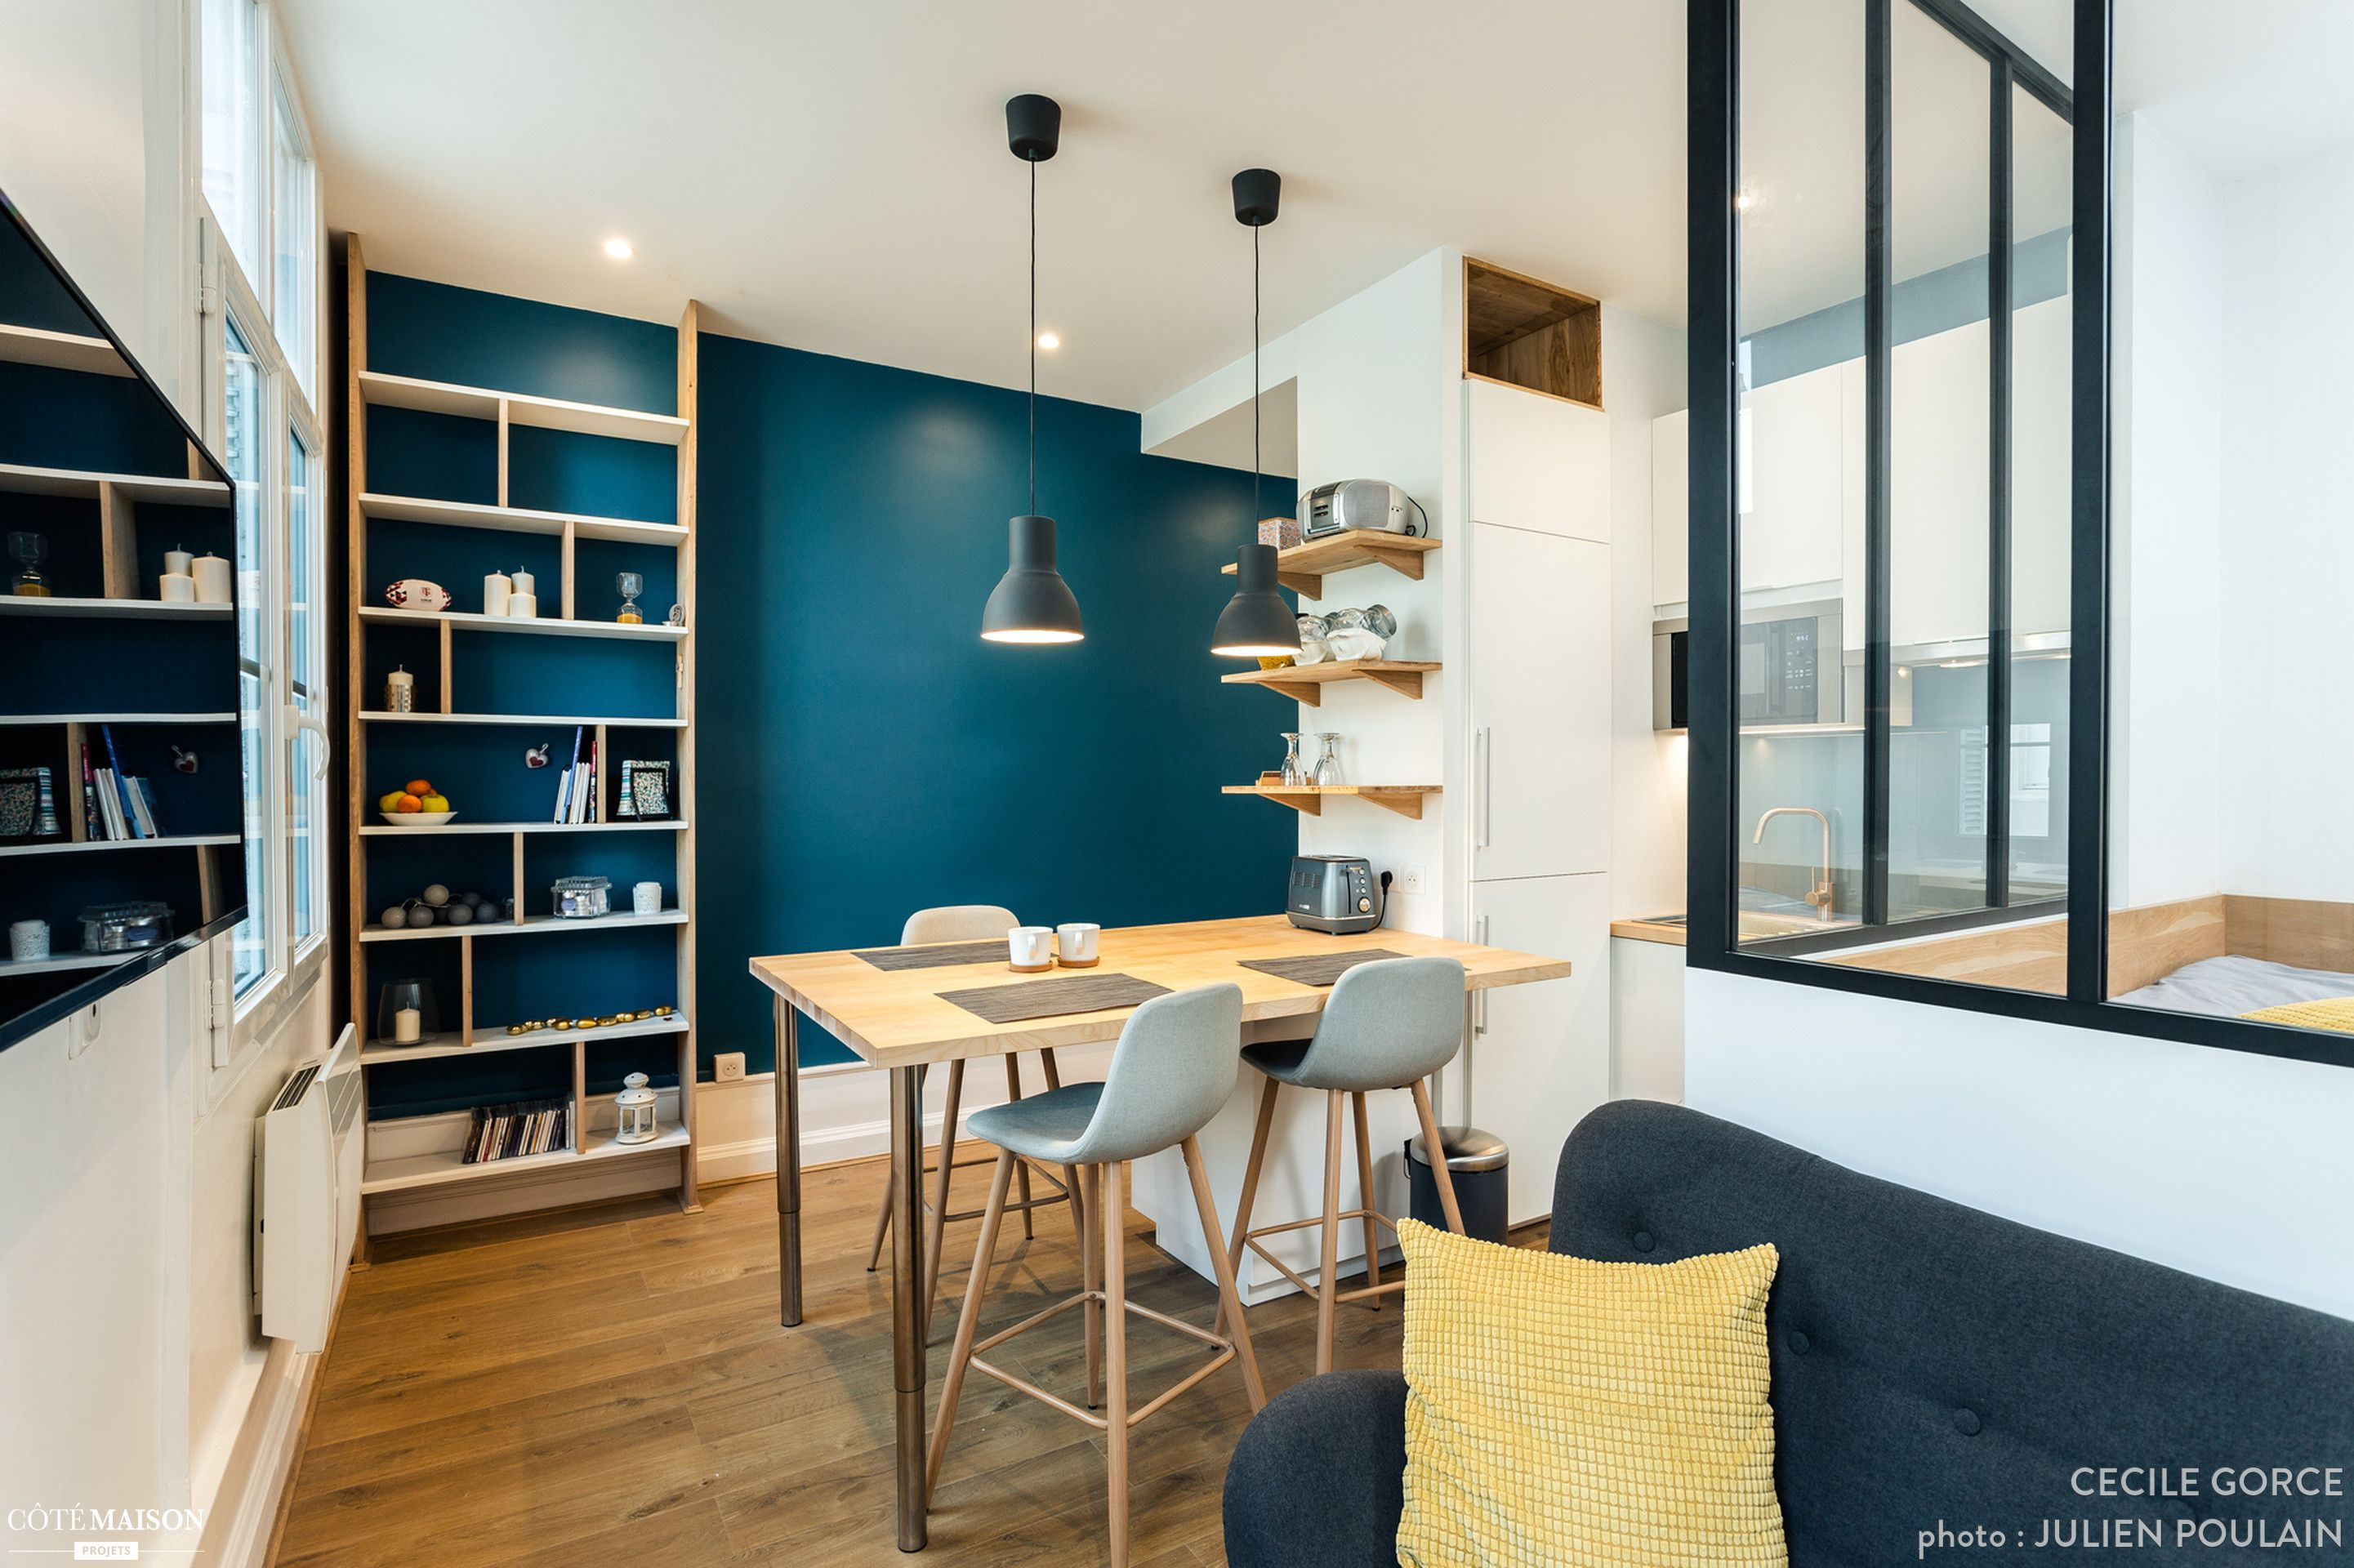 Coin Chambre Dans Petit Salon projet : aménagement d'un studio de 25 m2 en coin nuit, coin